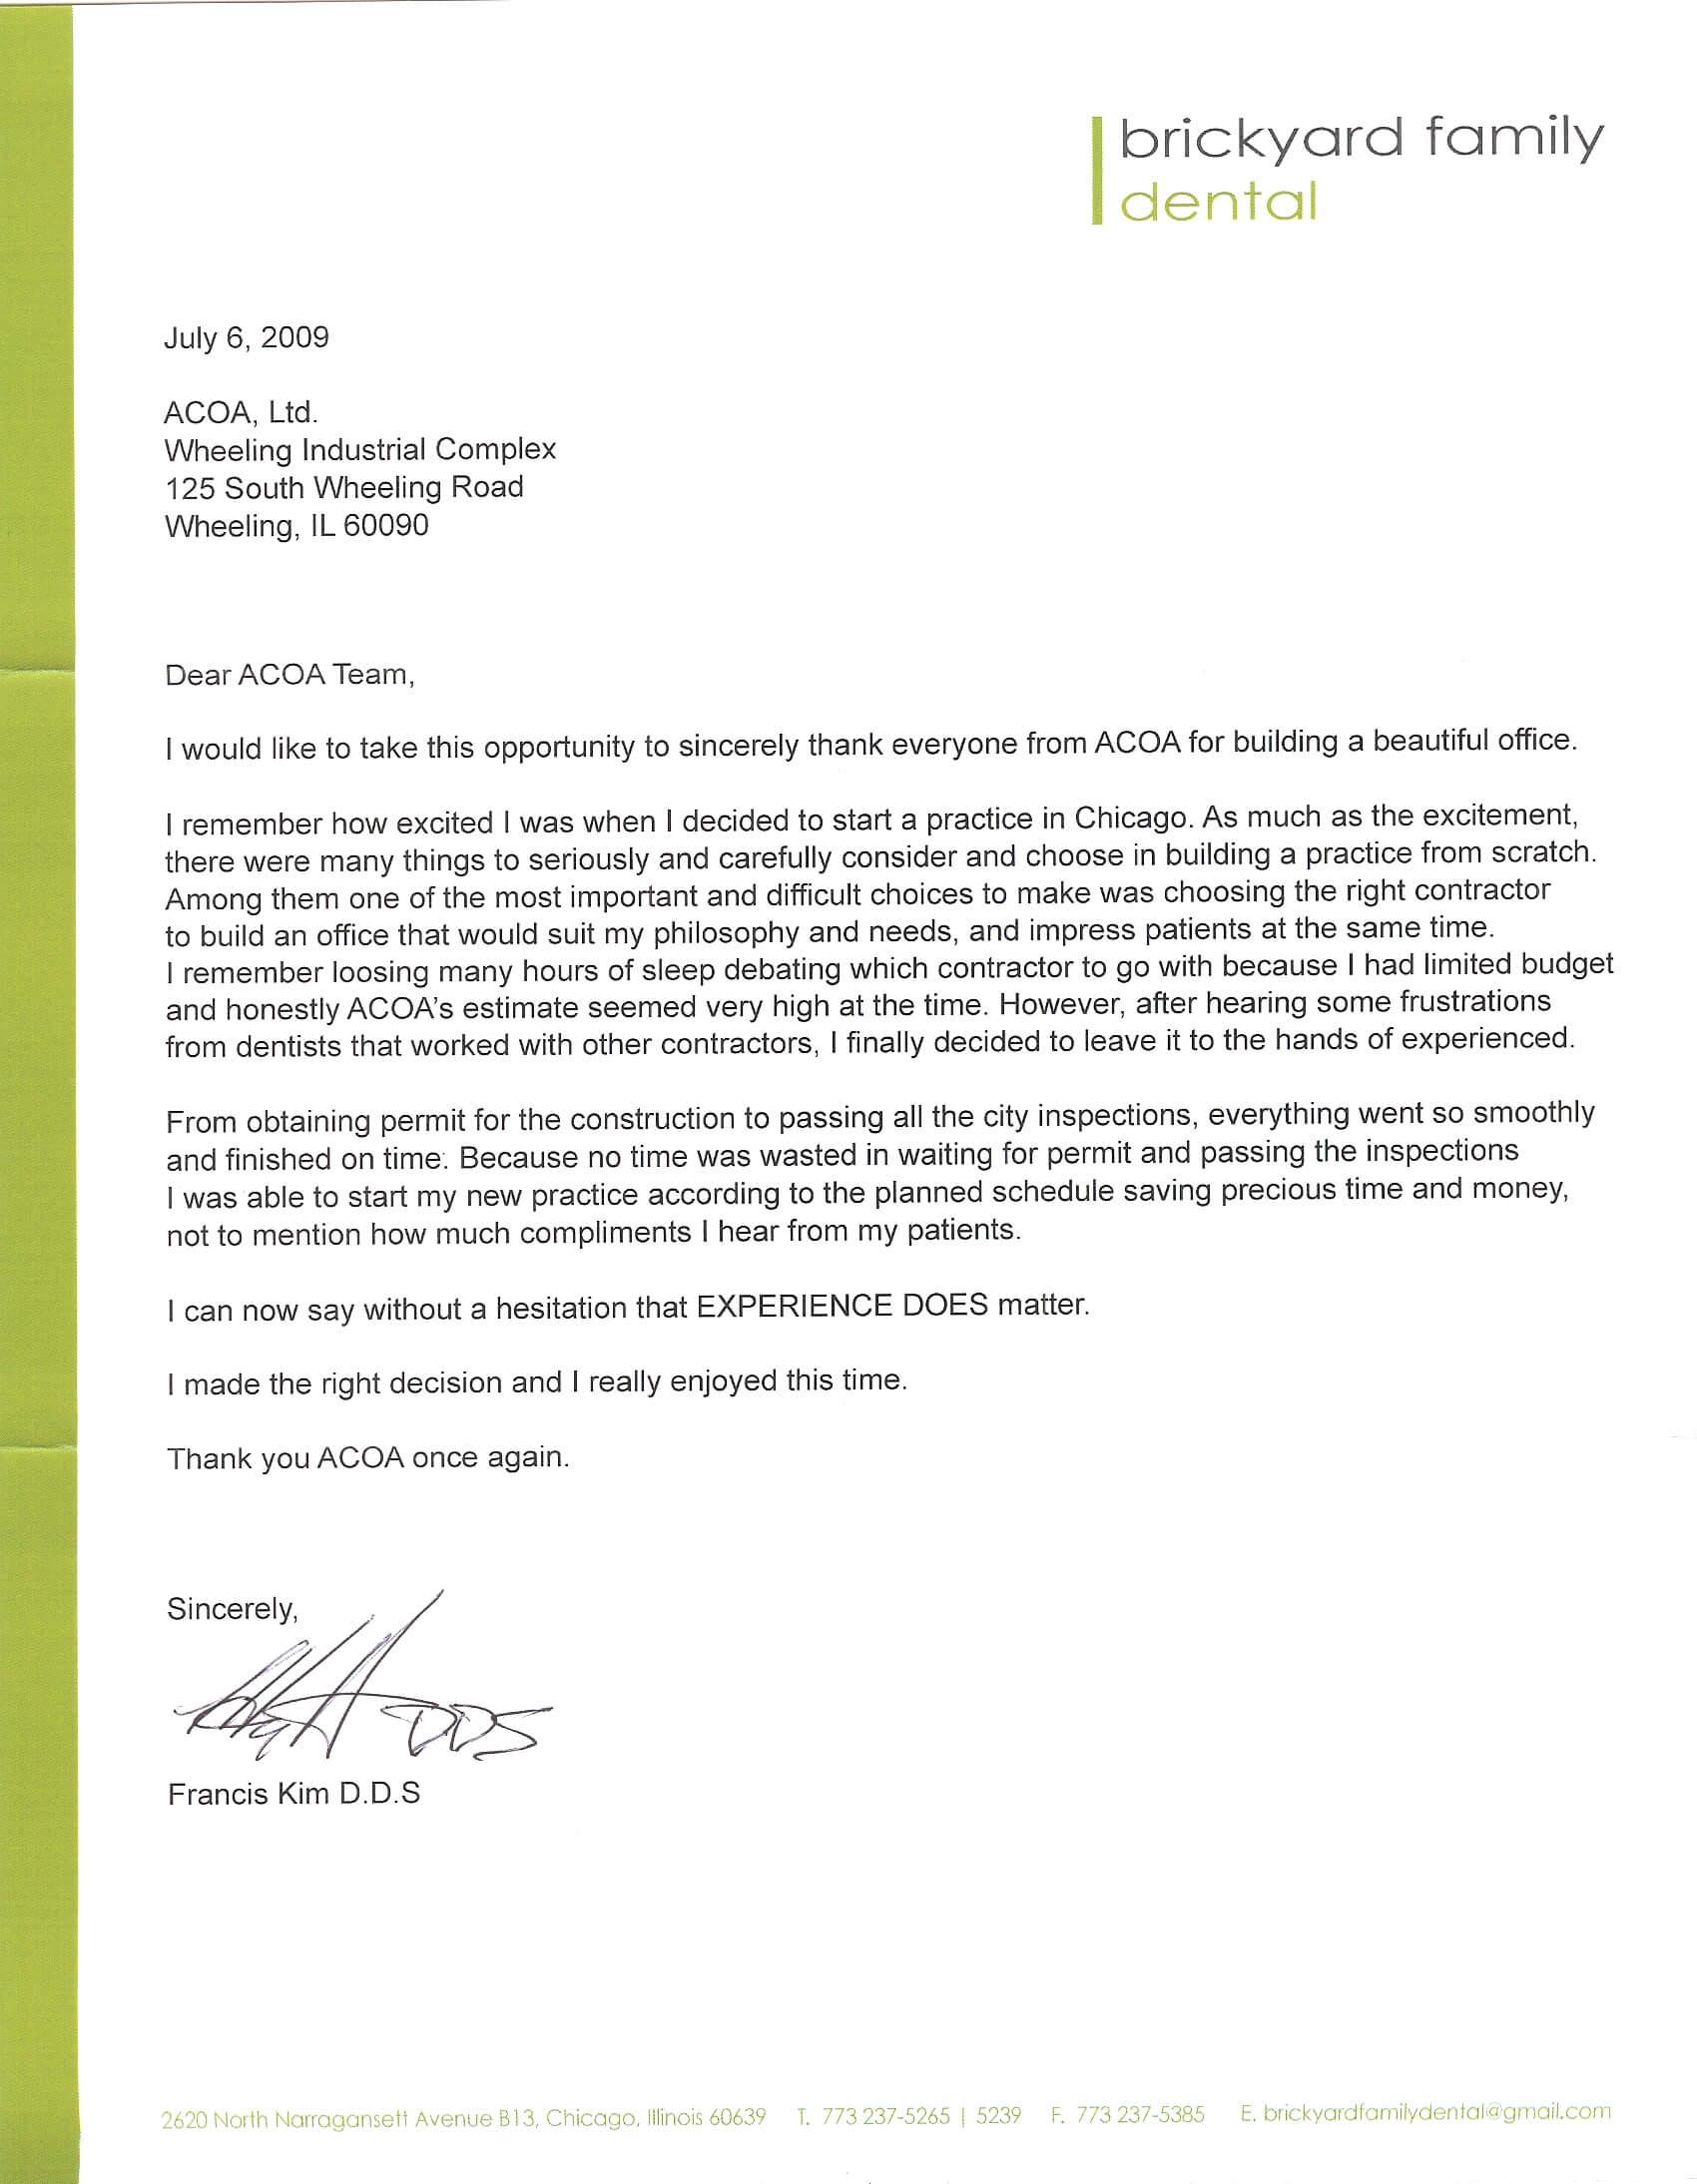 Dr Kim reference letter